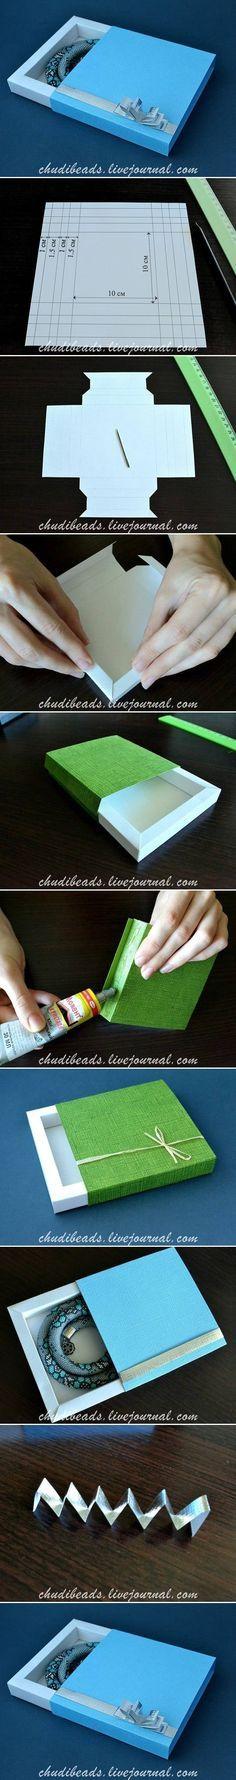 DIY Square Gift Box - vielseitig verwendbar! Gepinnt von Pinner, da auf der Originalseit e nicht auffindbar!